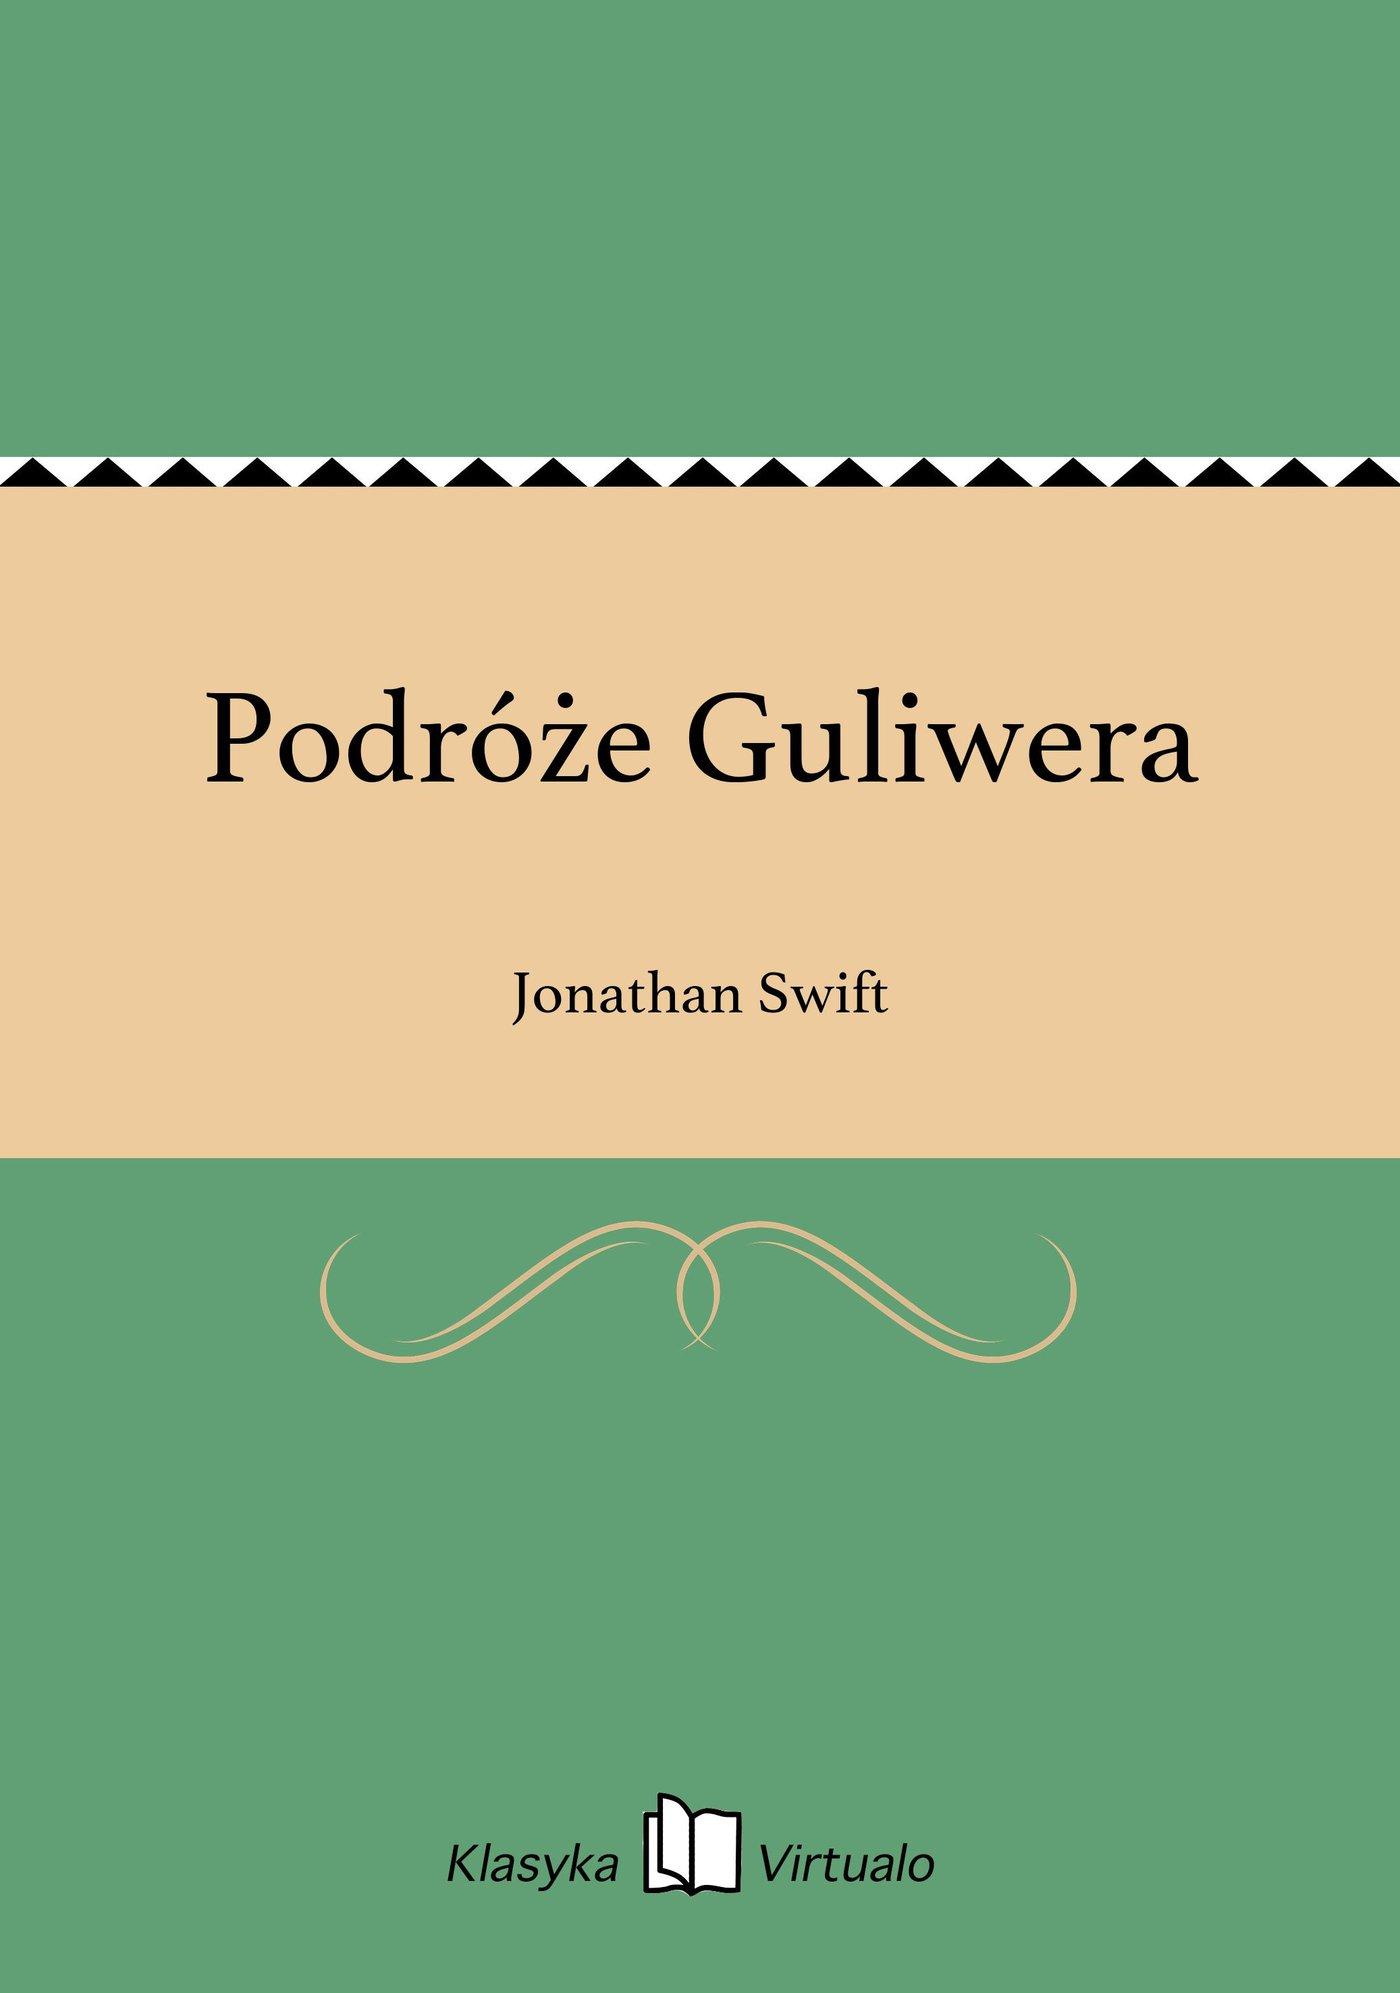 Podróże Guliwera - Ebook (Książka EPUB) do pobrania w formacie EPUB